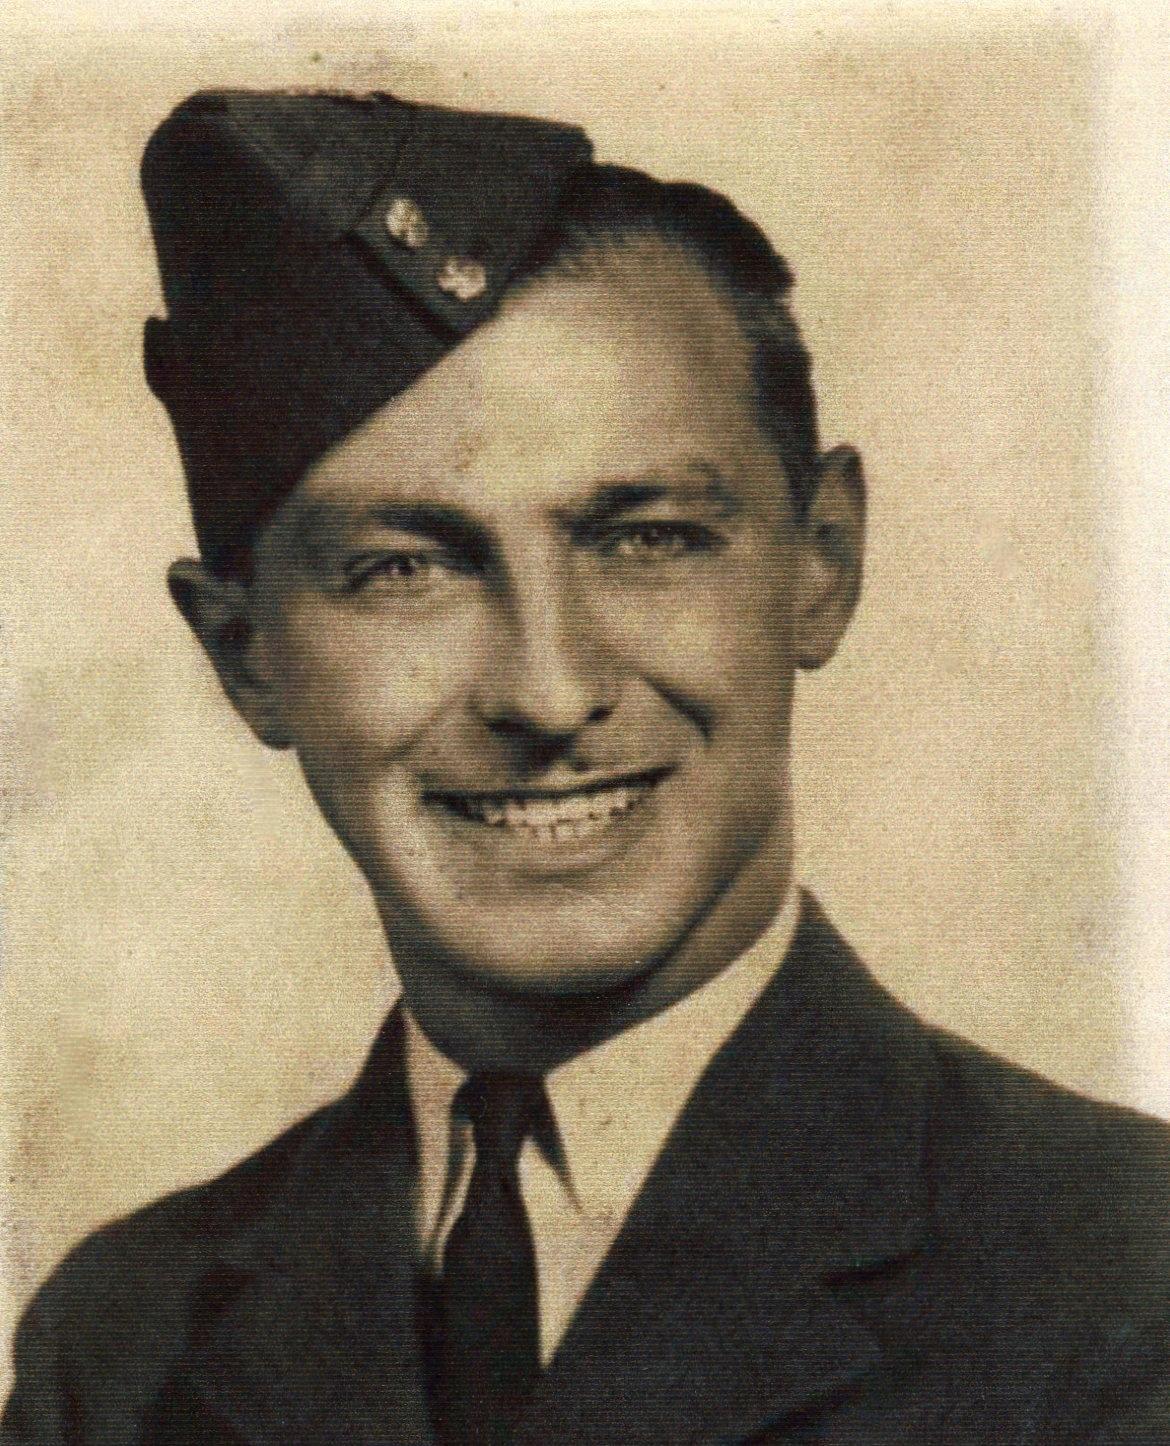 Photo of Jack Zavitz